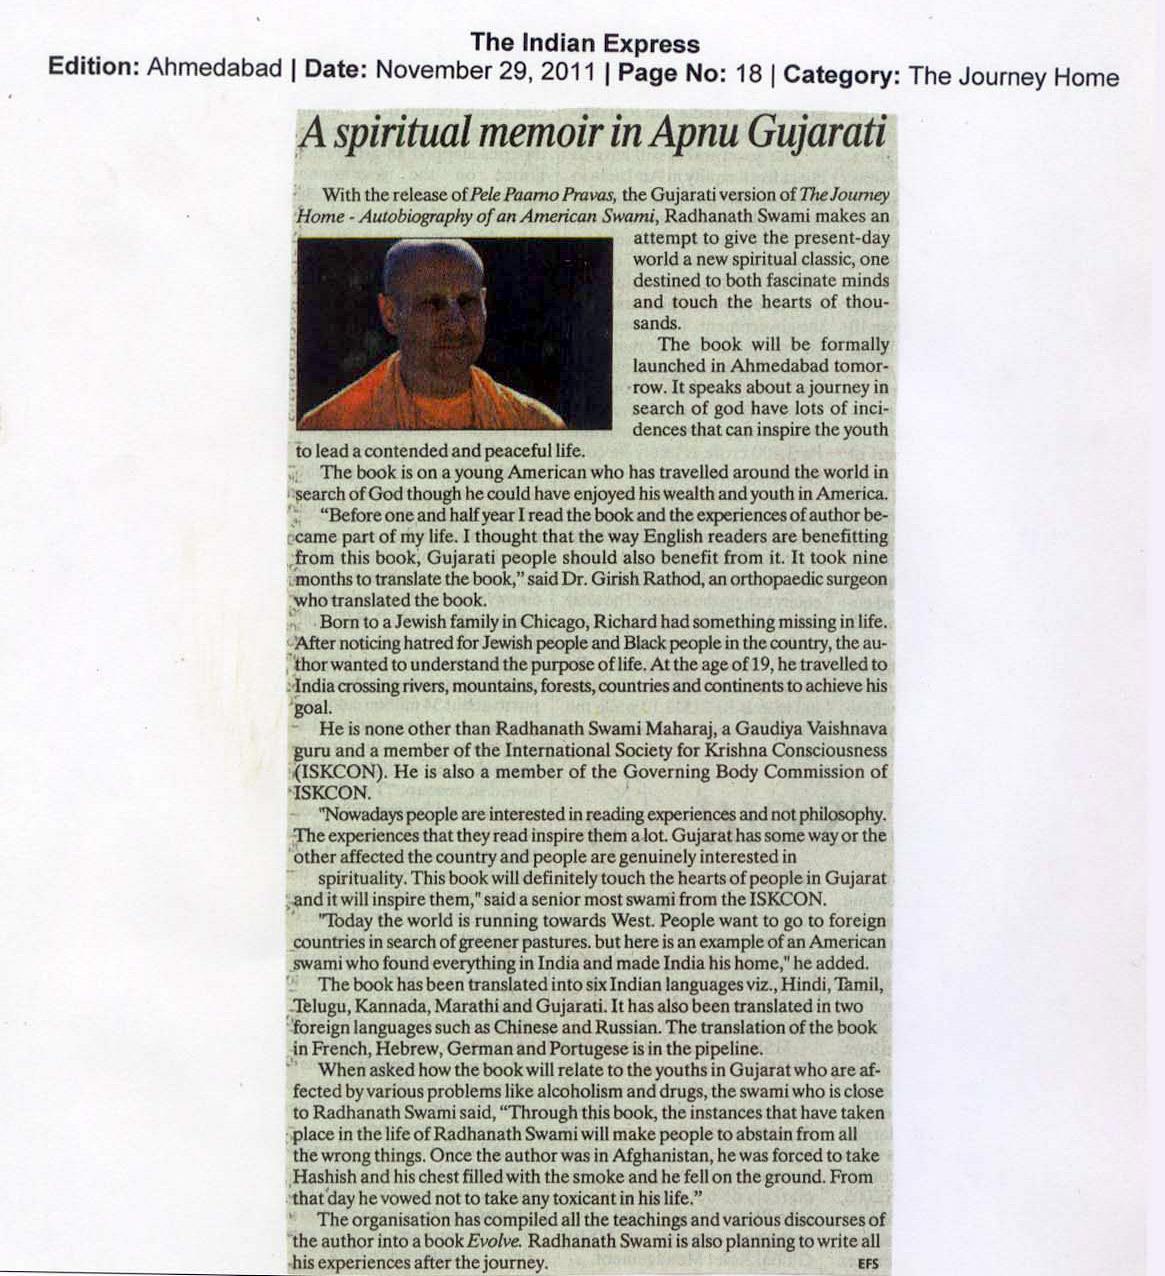 Radhanath Swami at Ama (Indian Express)